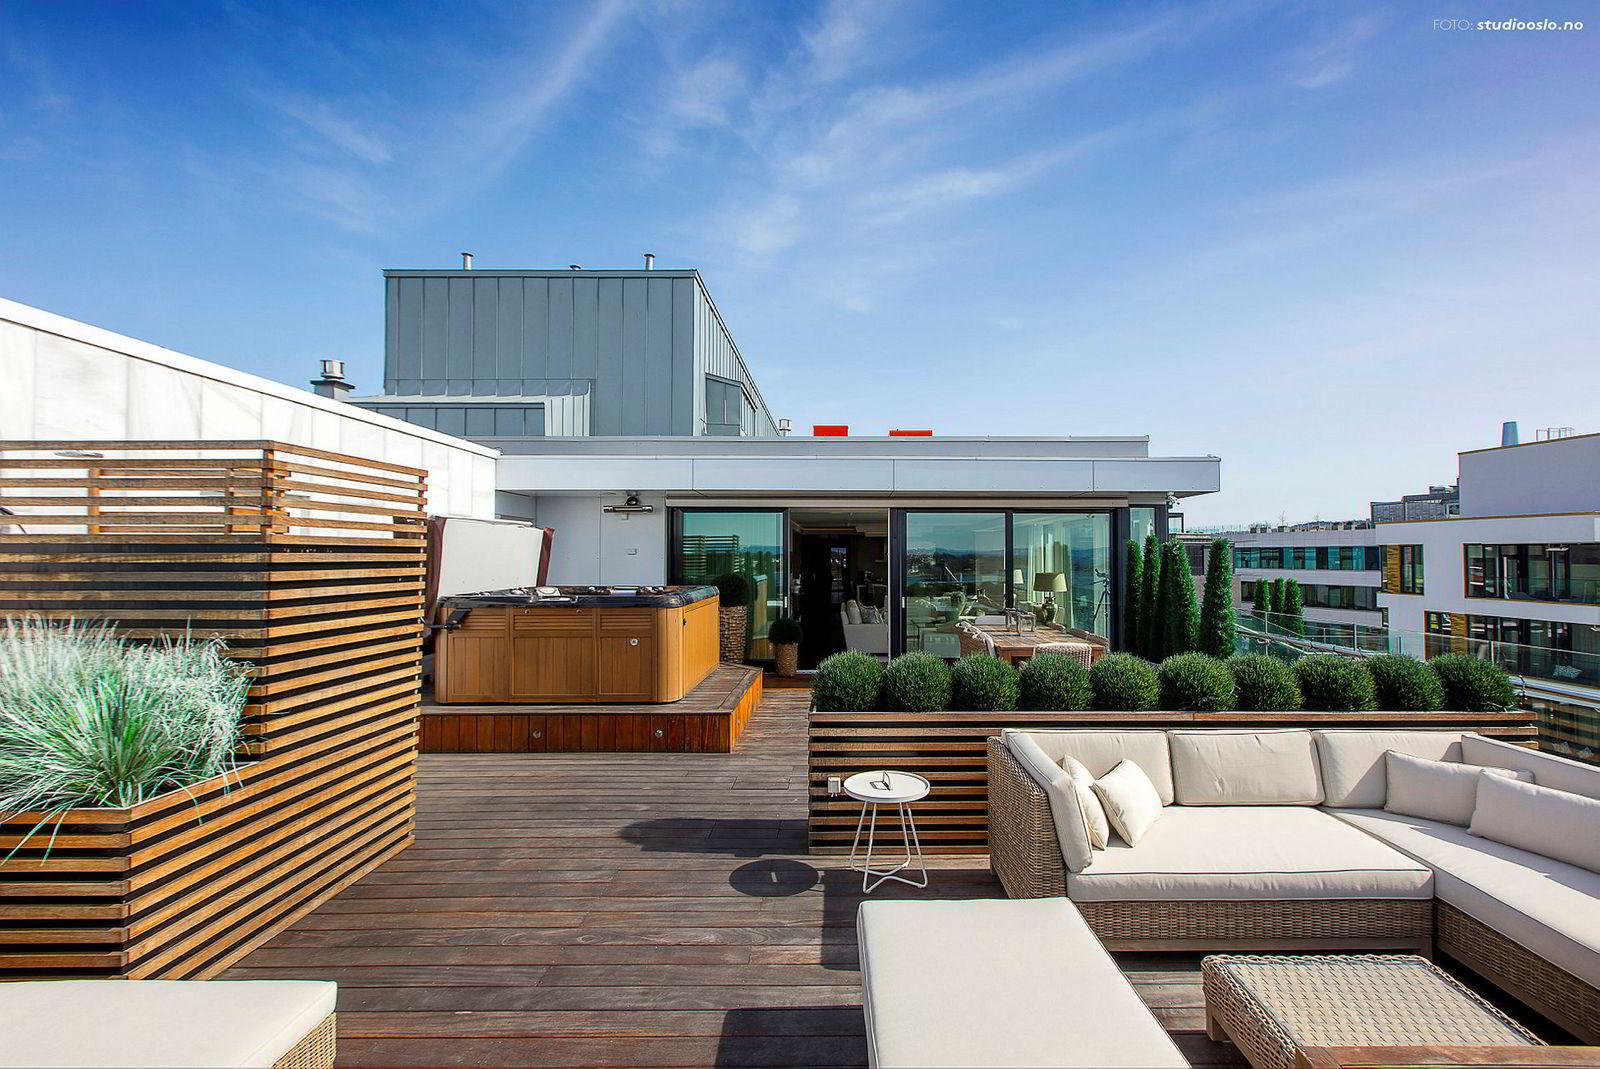 Tjuvholmen-leiligheten har en takterrasse på 108 kvadratmeter. Foto: Studio Oslo/ Nordvik & Partners